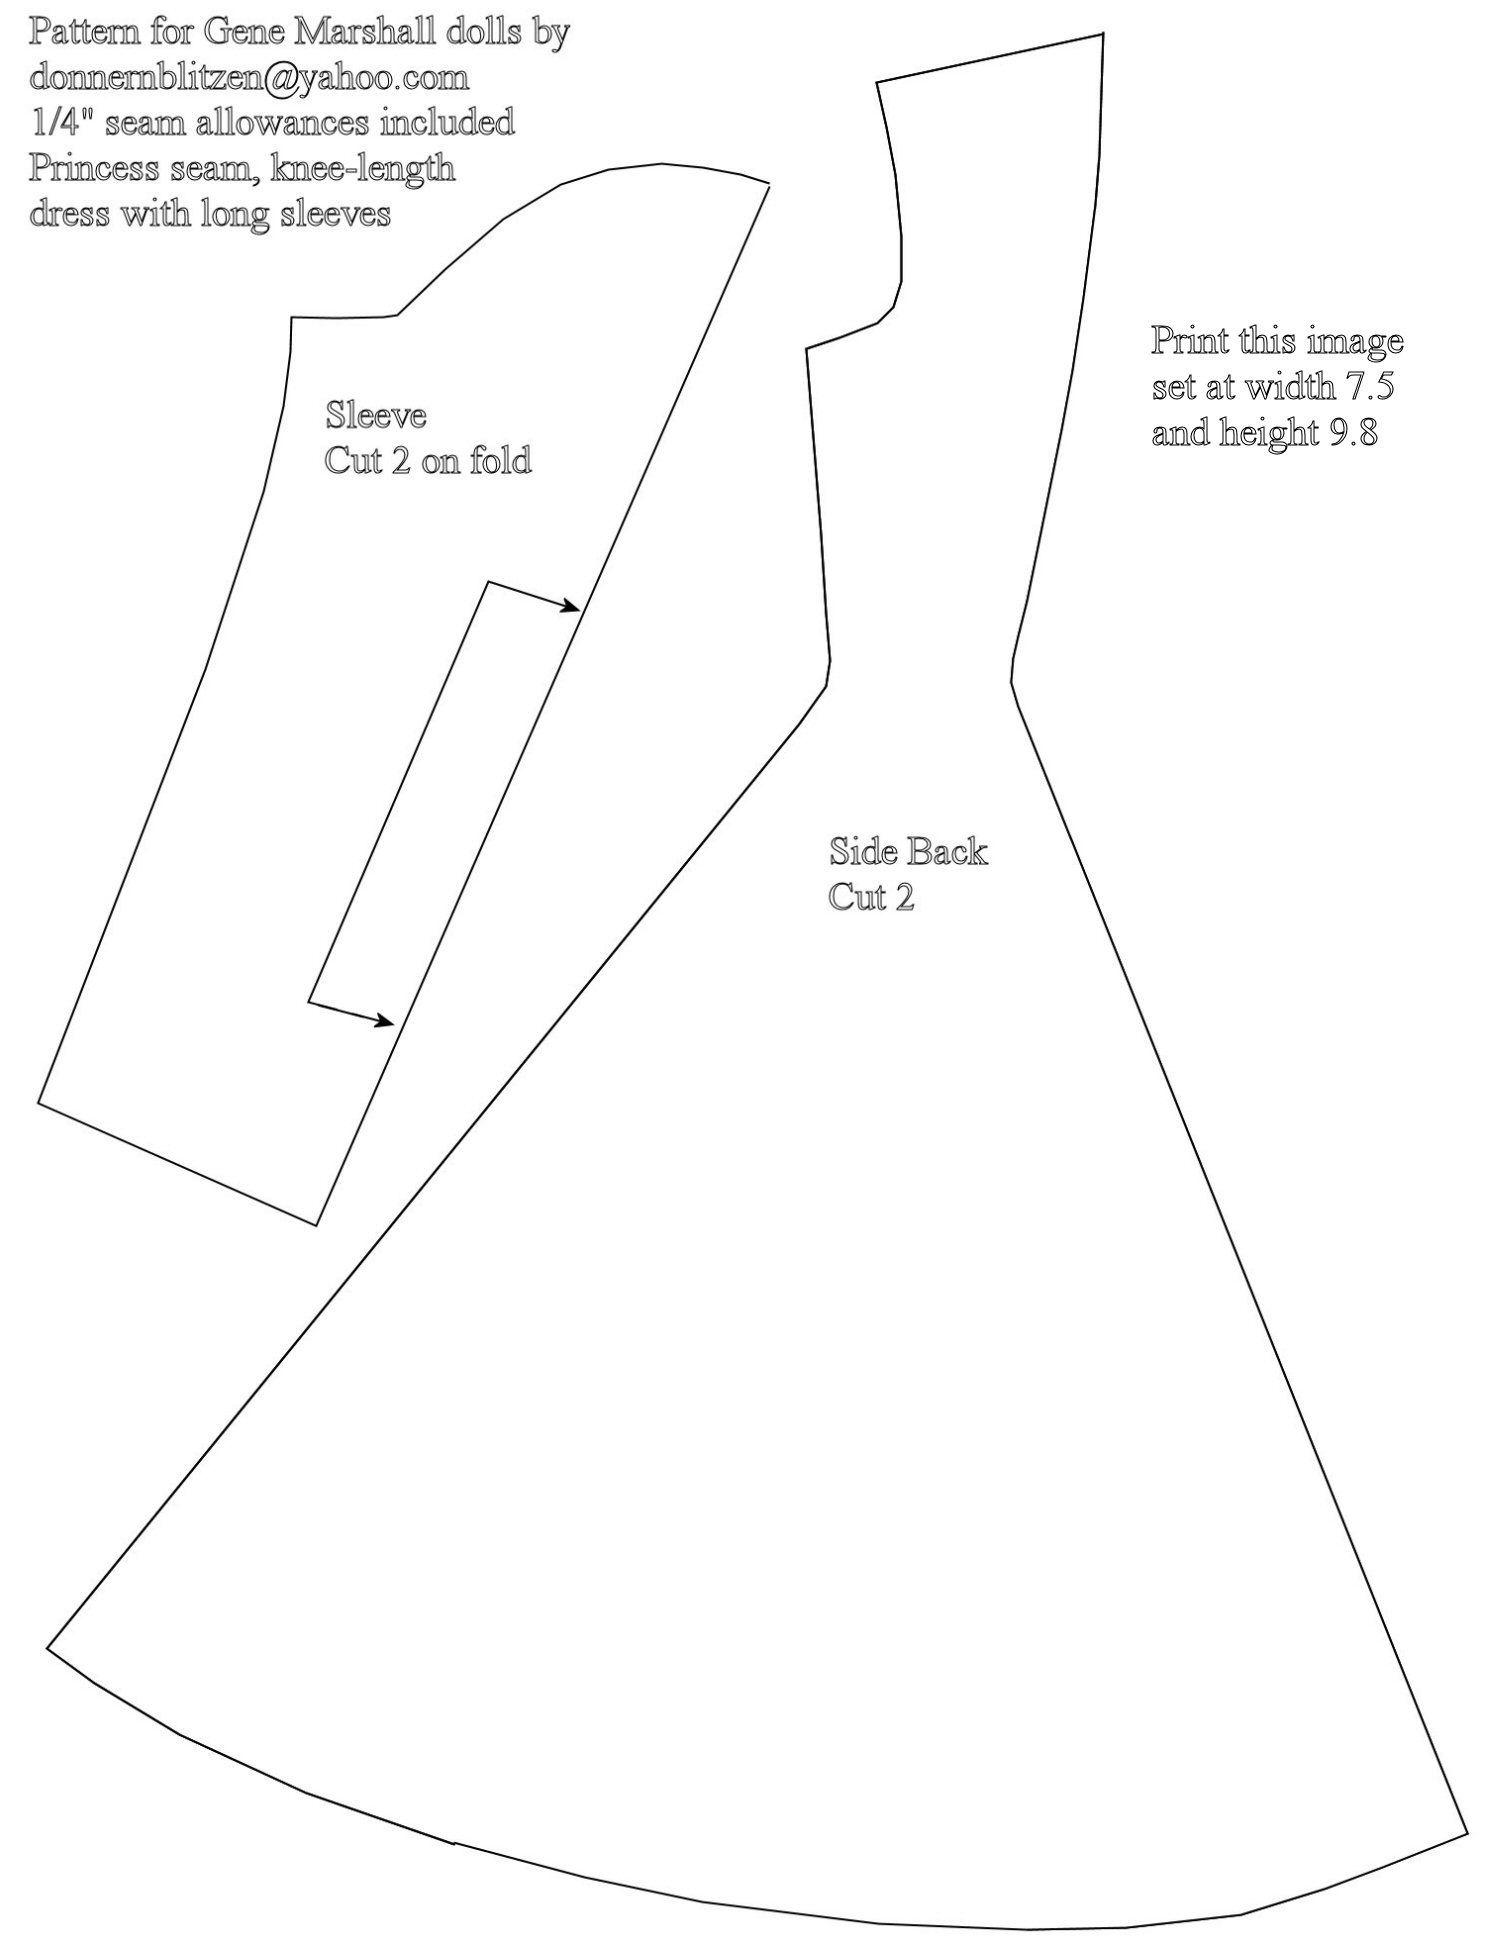 Barbie Dress Patterns Free Printable Pdf | Huston Fislar Photography - Barbie Dress Patterns Free Printable Pdf